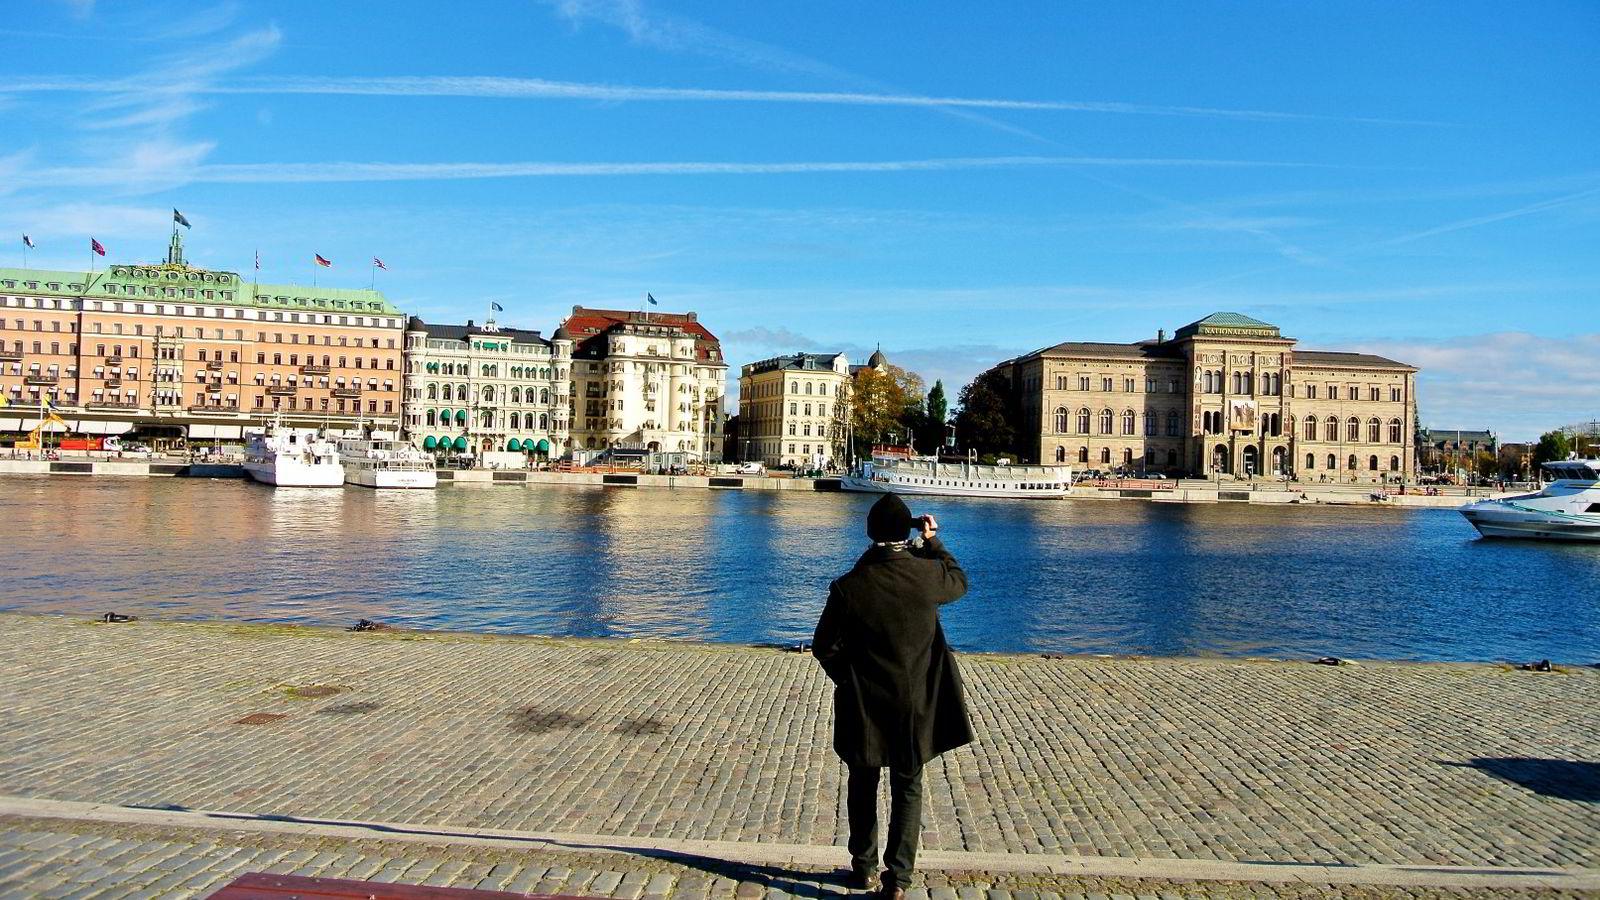 Professor Mats Alvesson misliker utviklingen i det svenske samfunnet. Her et gatebilde fra Stockholm. Foto: Gunnar Bløndal